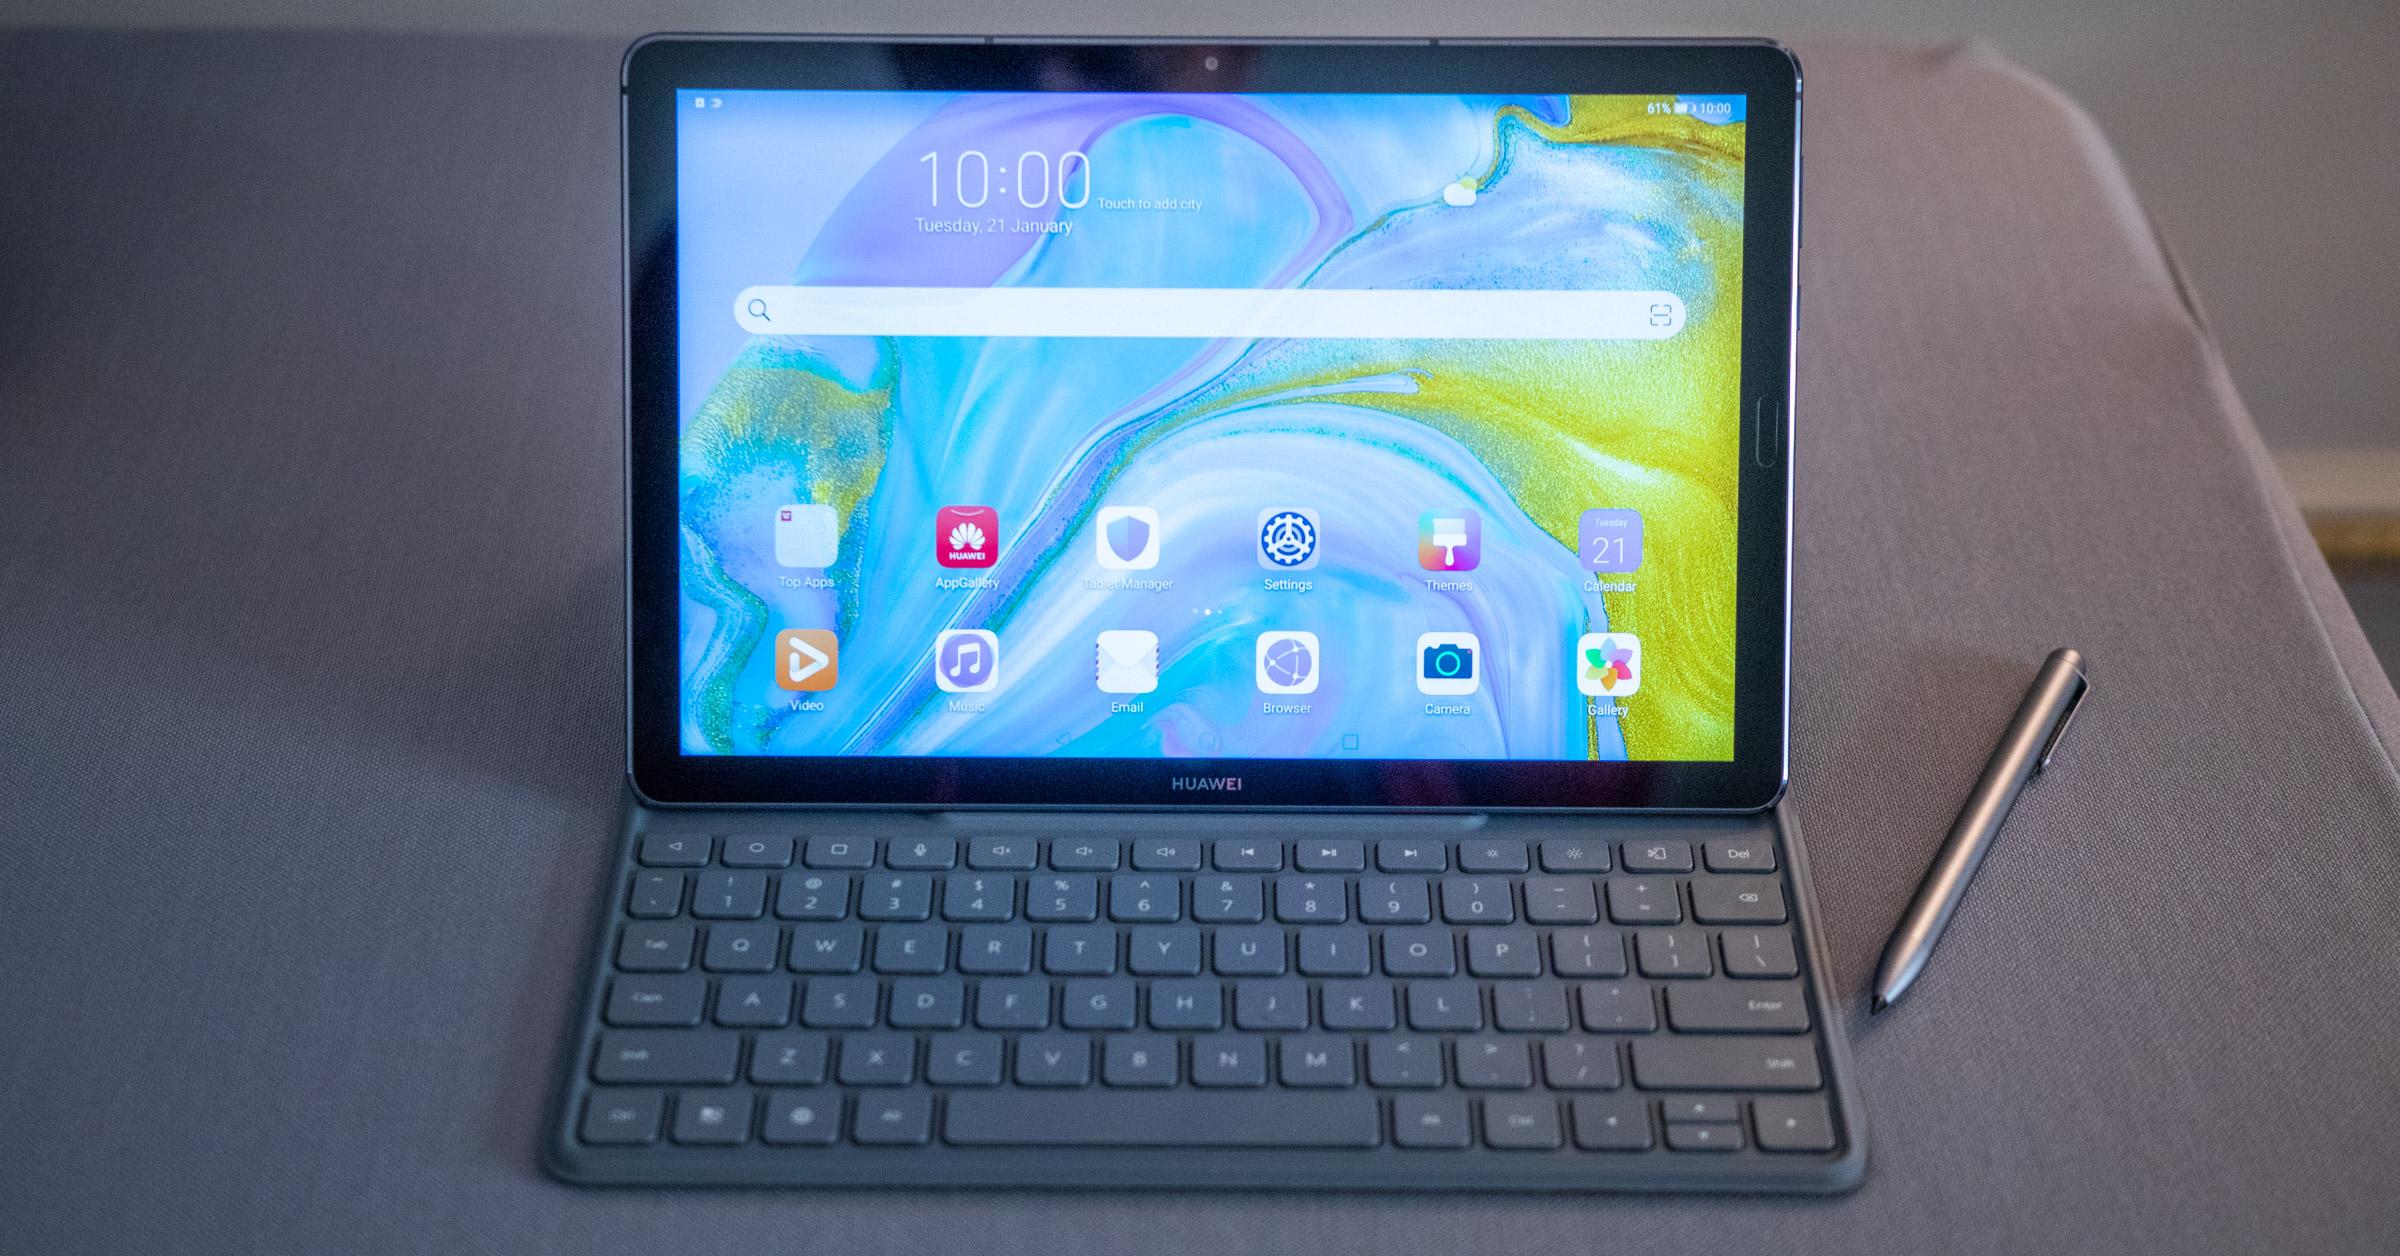 """MediaPad M6 10 da hau.8""""- Huawei-k Google-tik kanpo bizitza dagoela frogatu nahi du"""